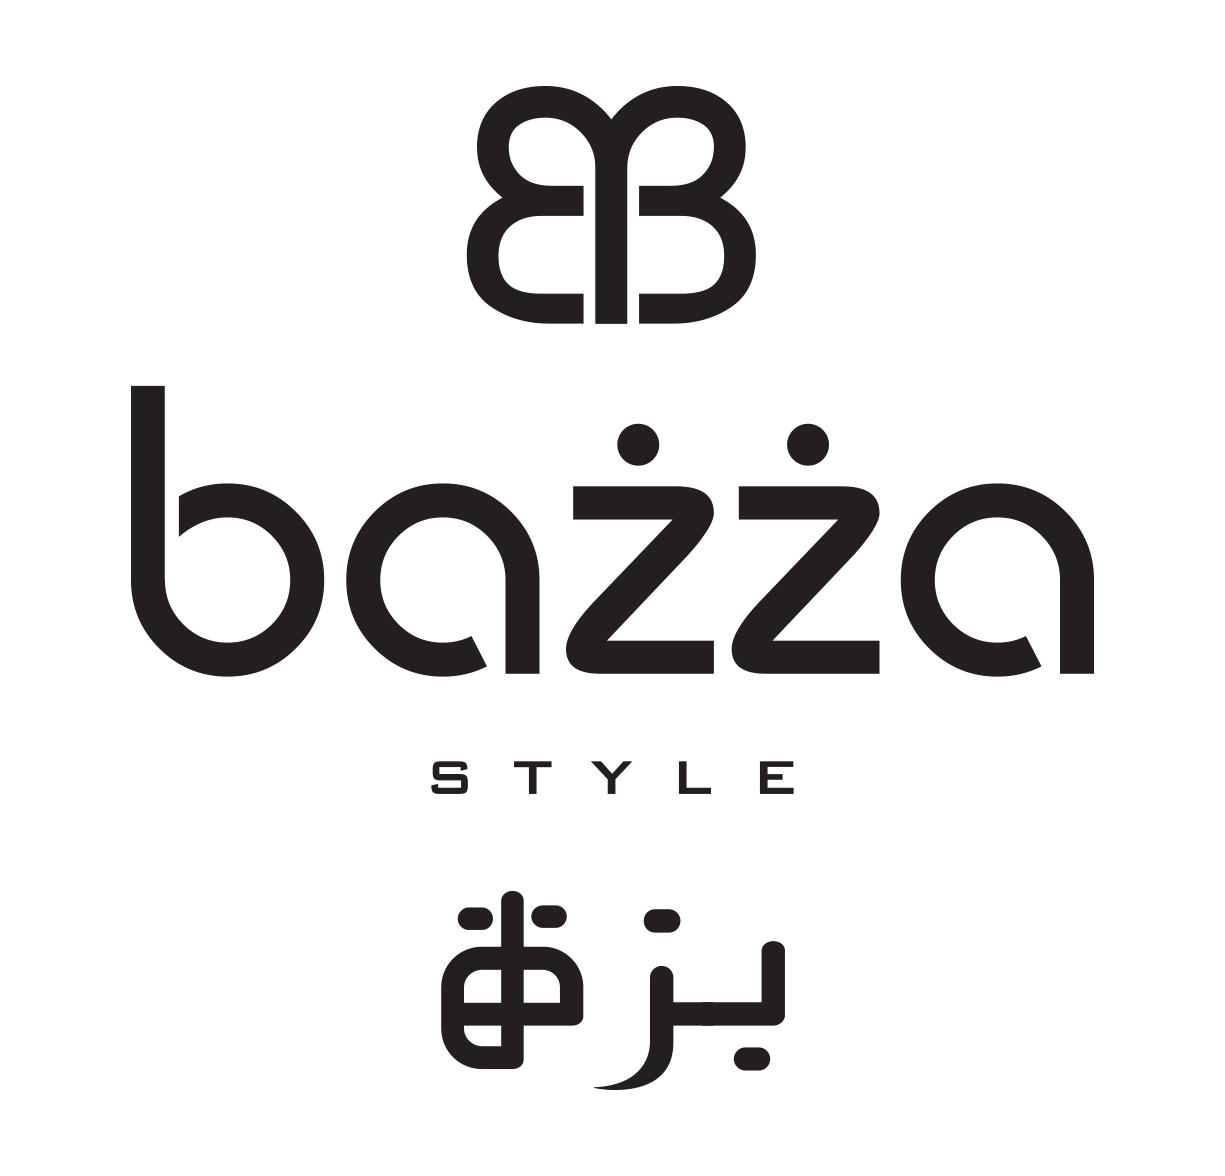 Bazza style